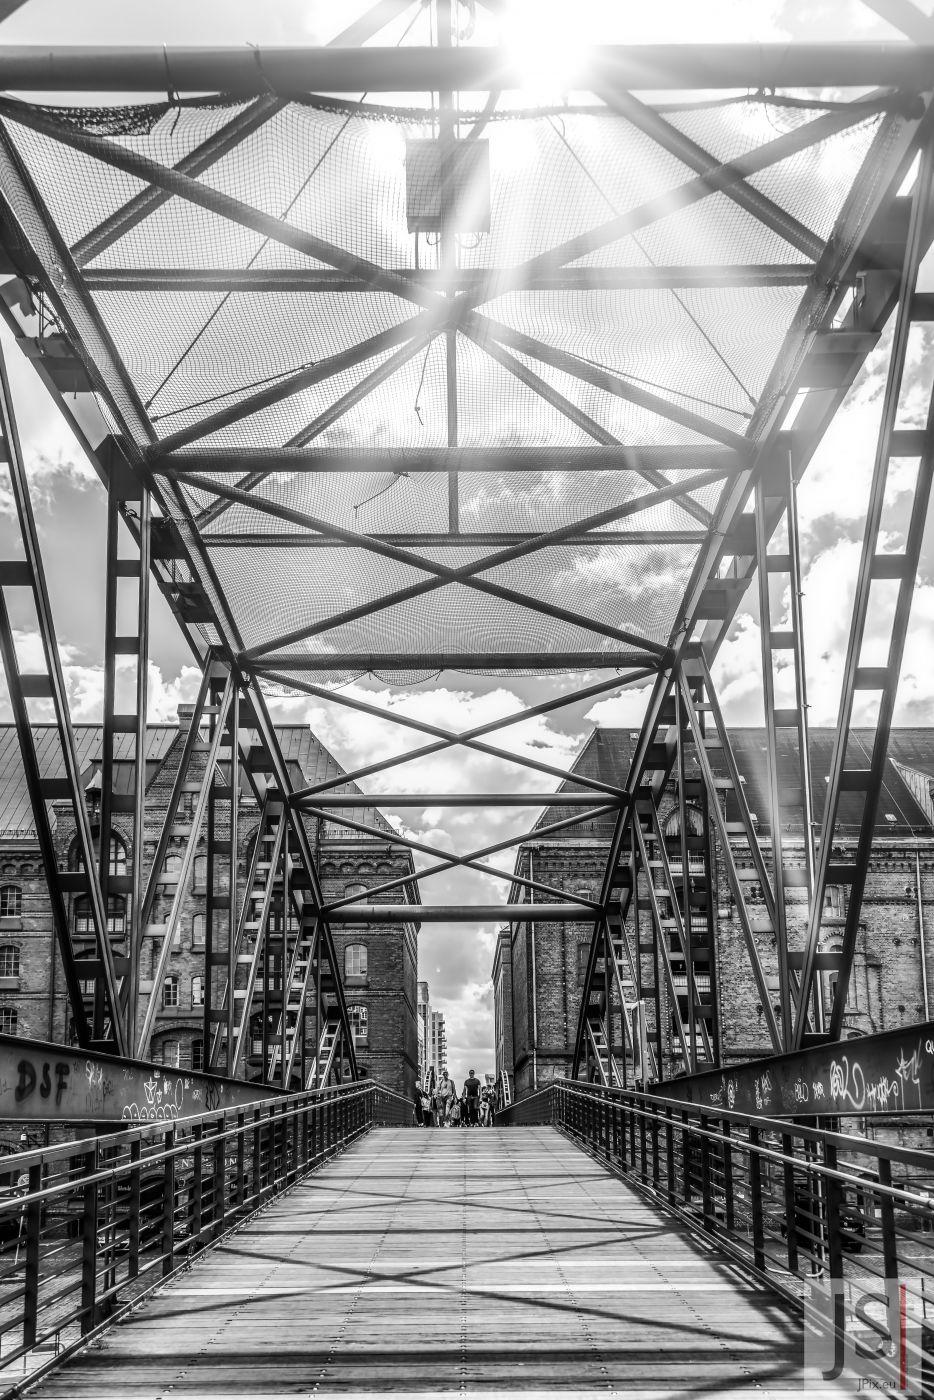 Kibbelstegbrücke, Germany